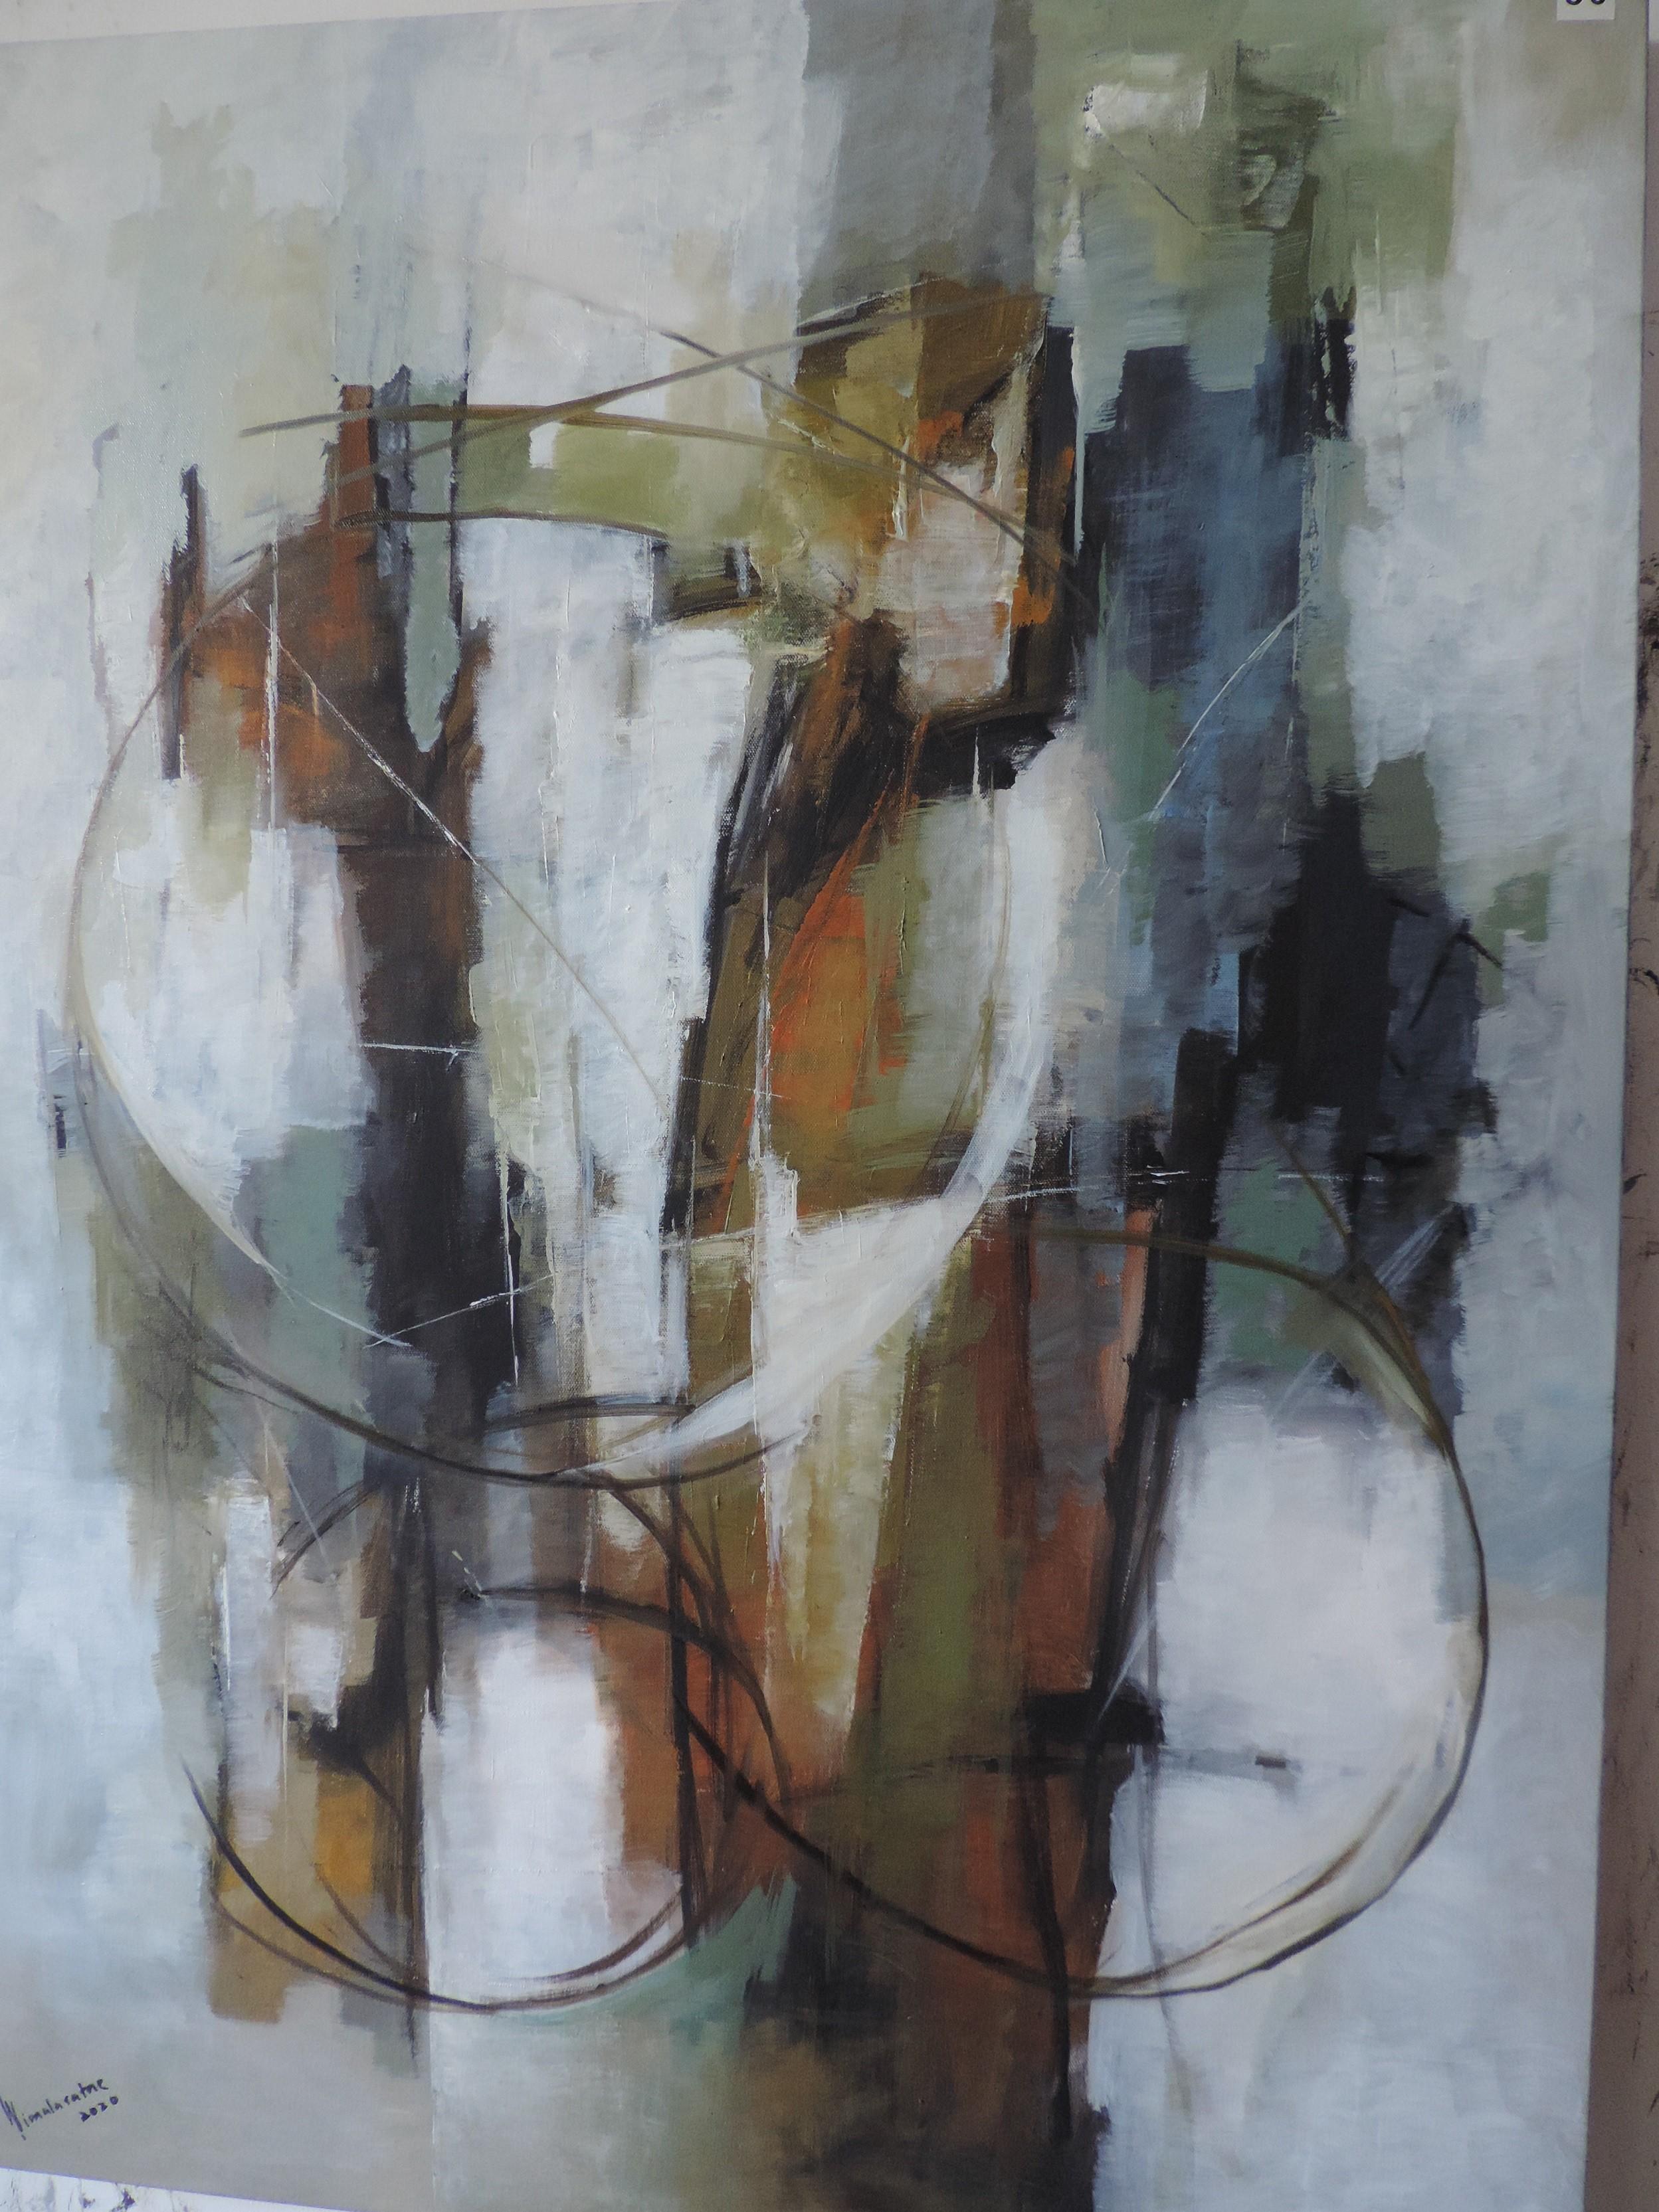 Untitled 7 by bartholameuse wimalaratne